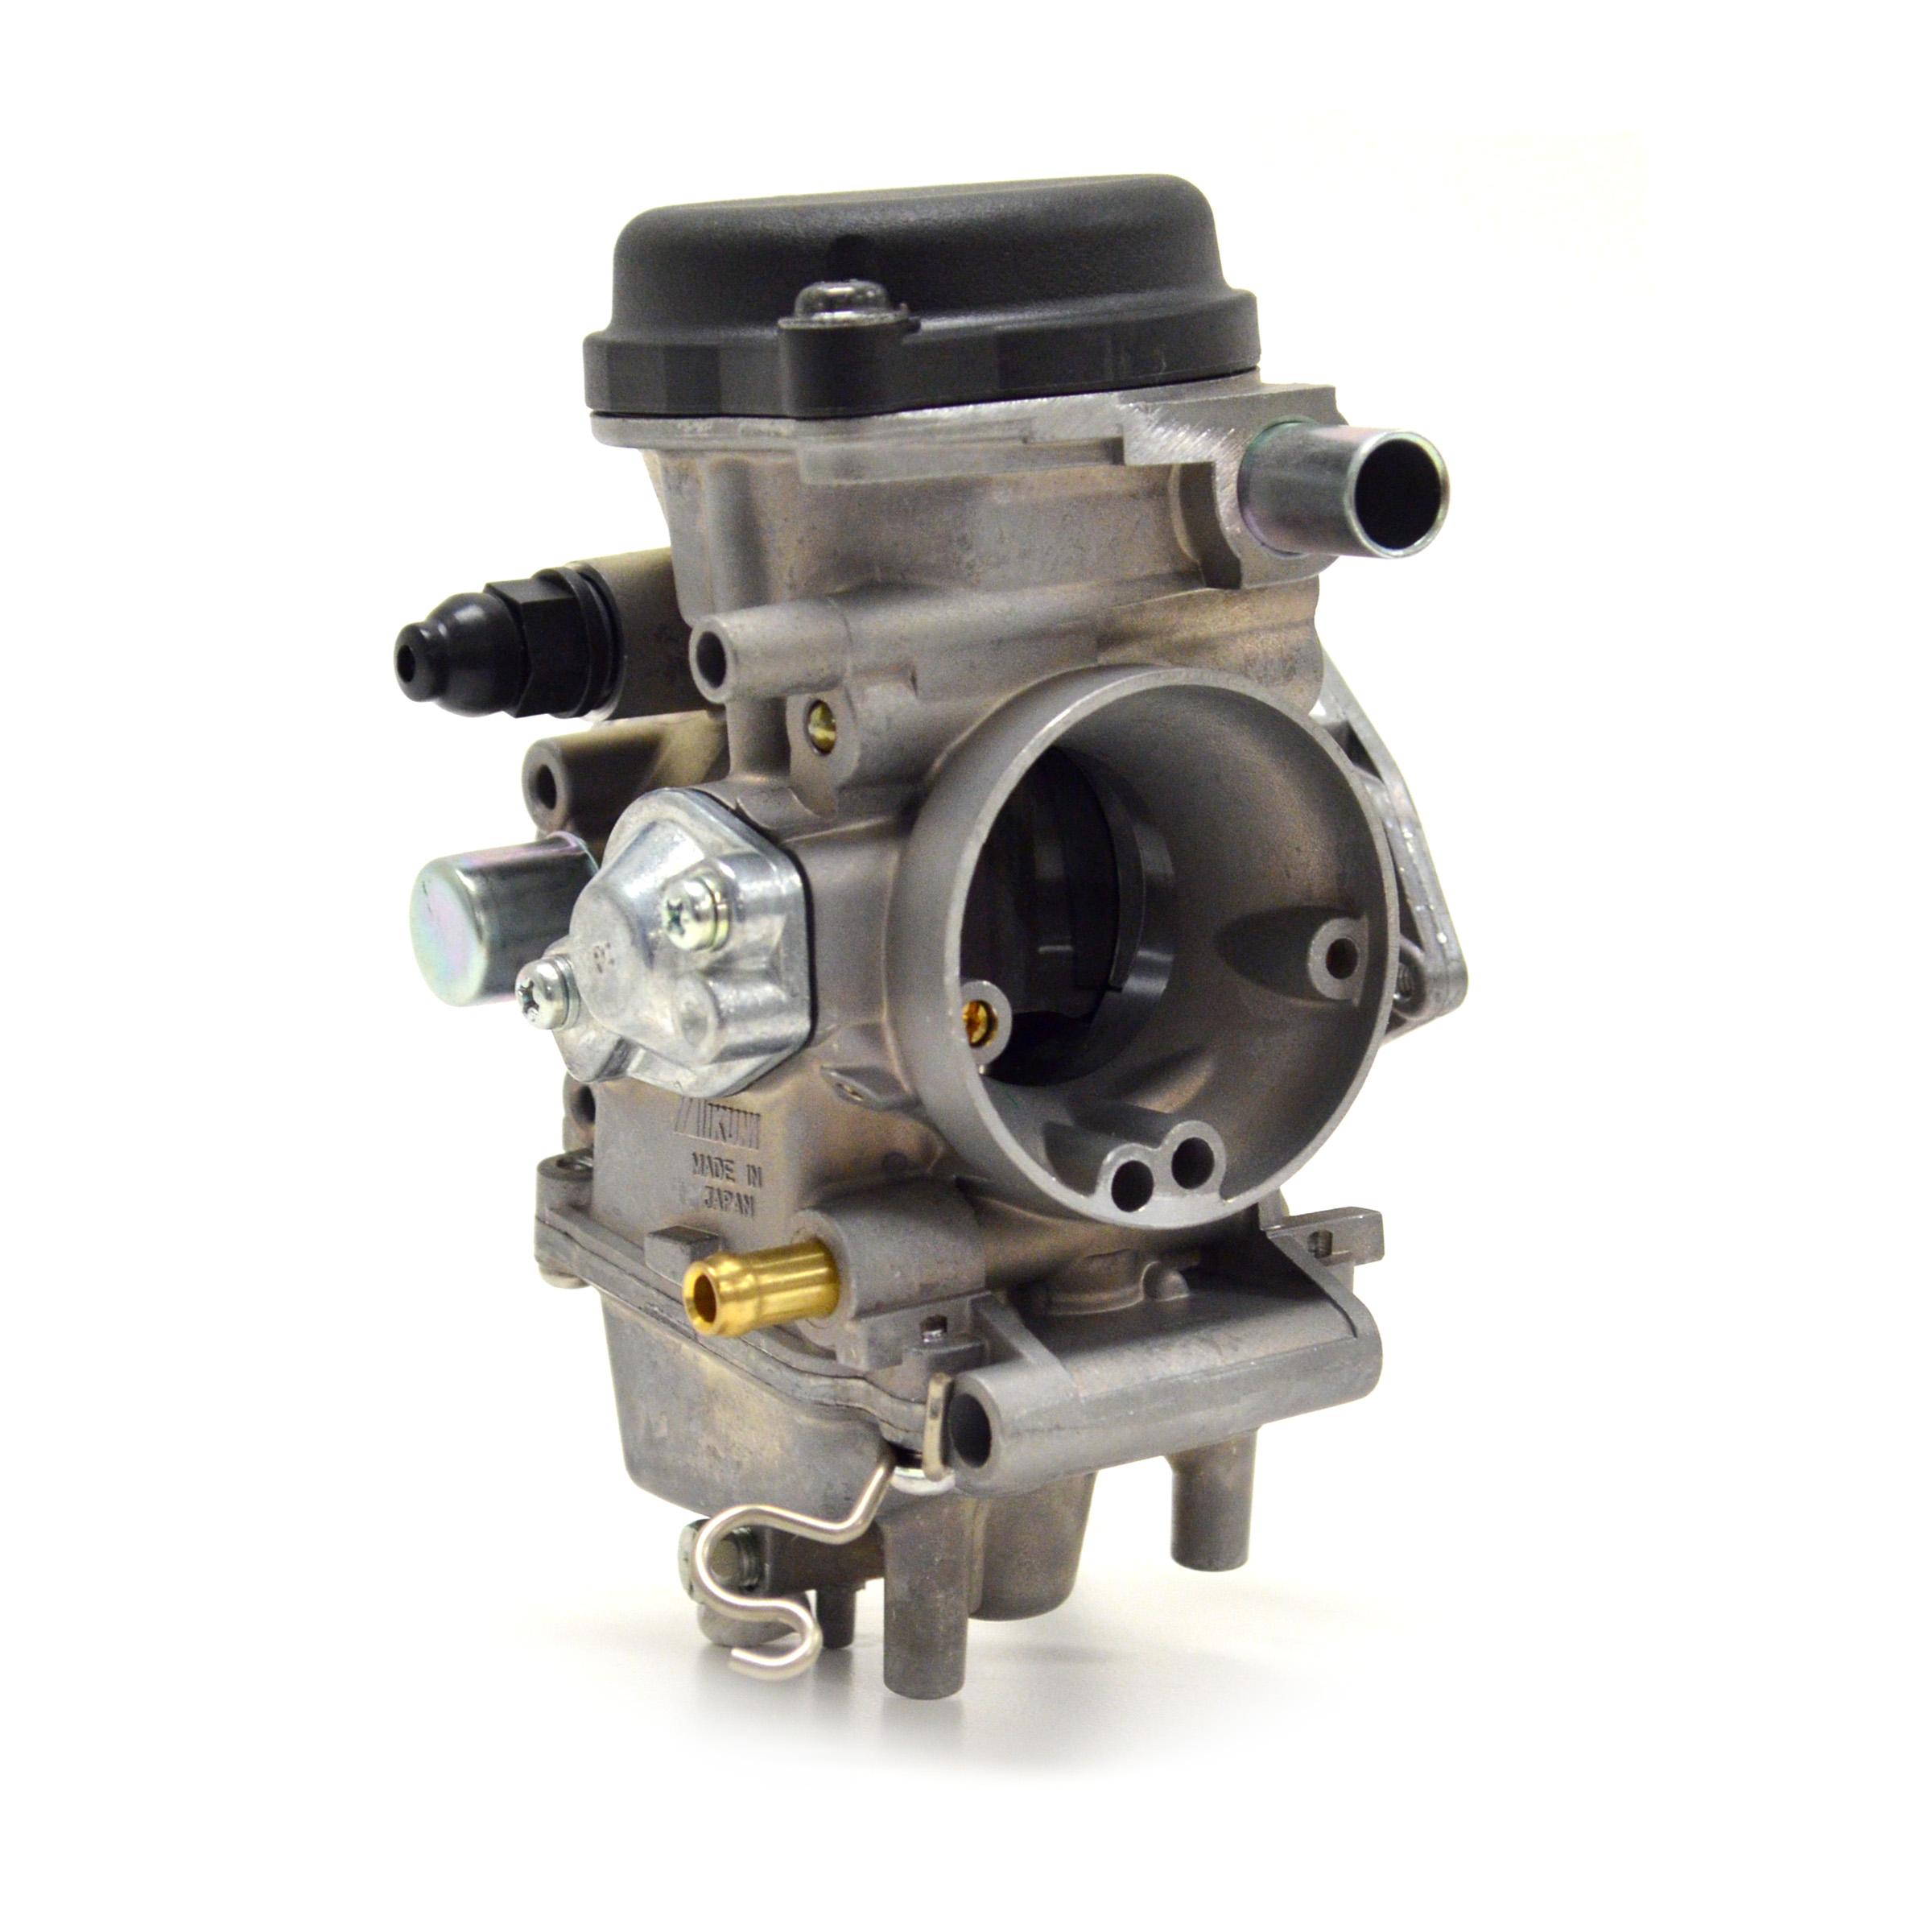 Mikuni carburetor Manual for 19b9